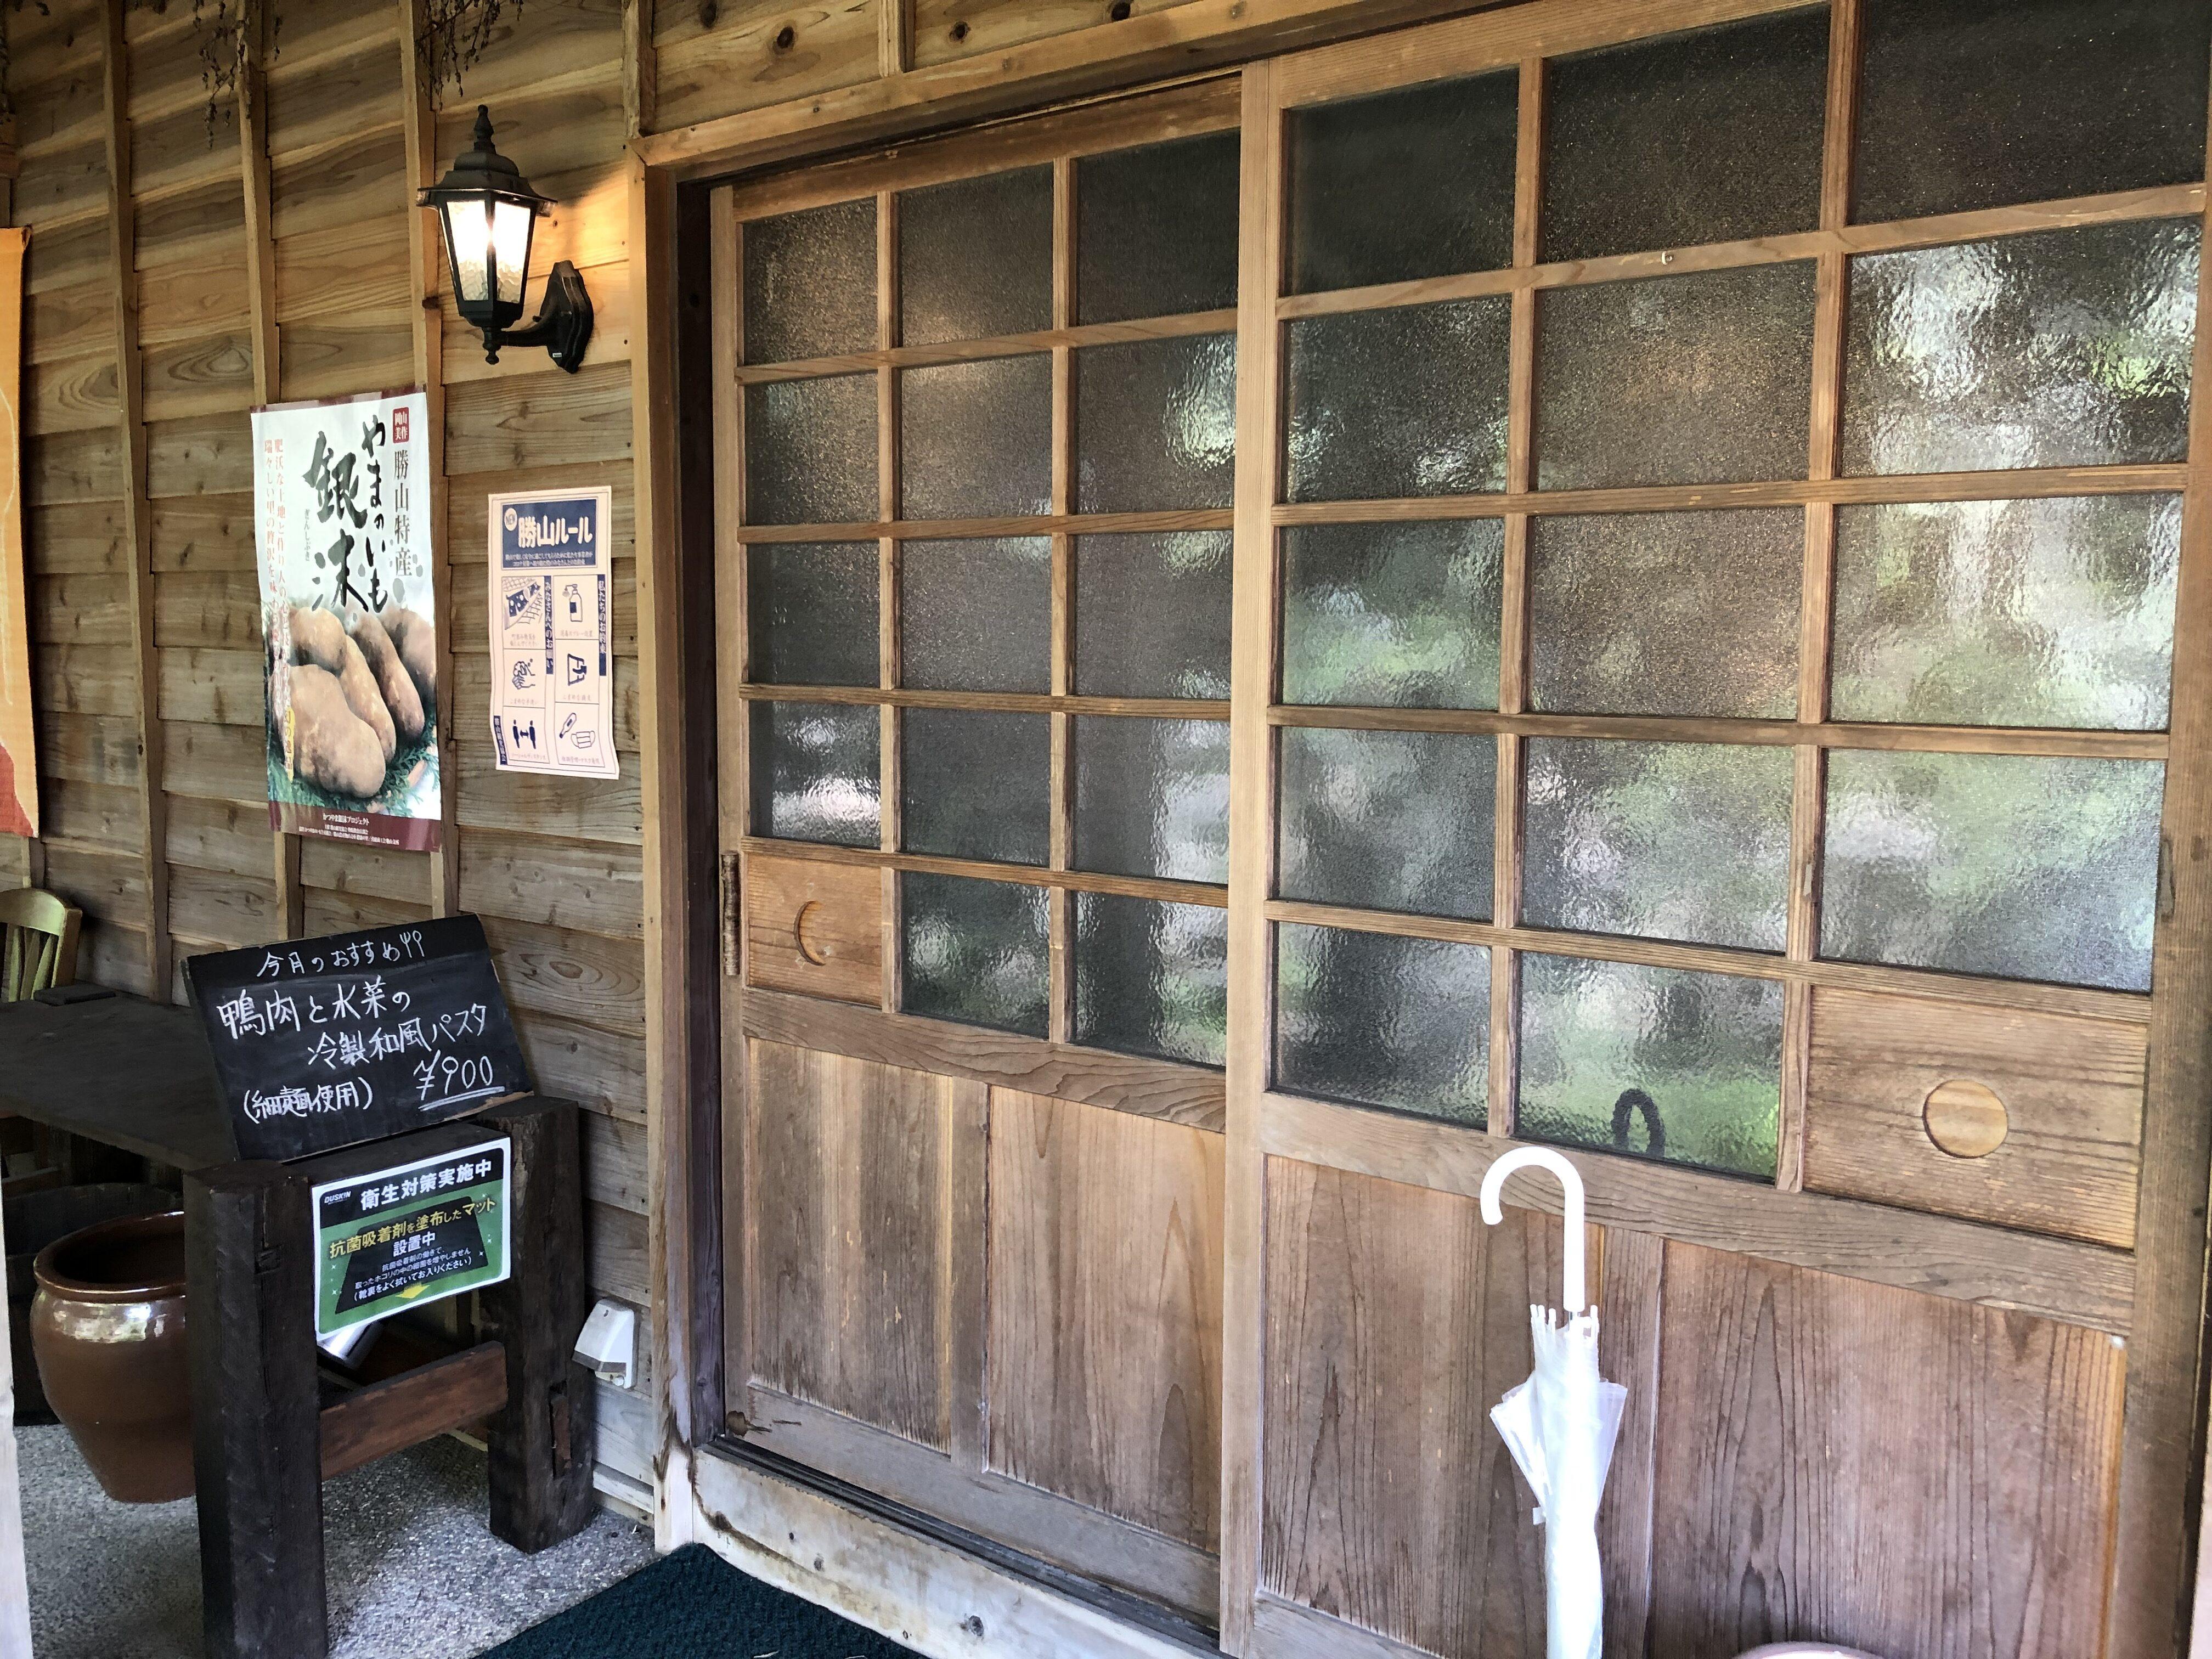 グルメリポート~「Nostalgie Cafe(ノスタルジーカフェ) ろまん亭」歴史ある城下町で地元の食材をノスタルジーあふれるカフェでいただく~